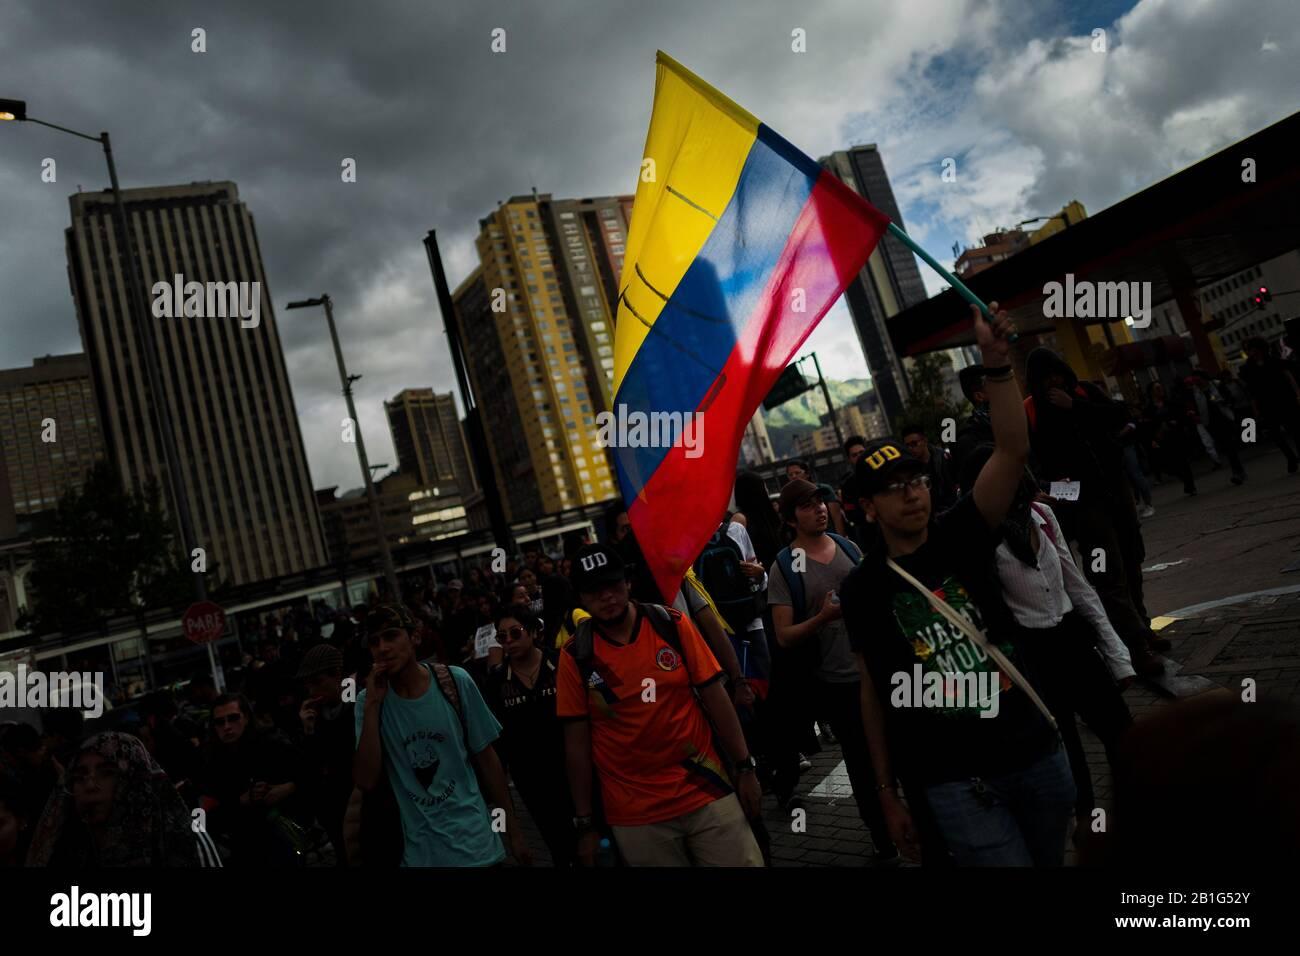 Les étudiants, porteurs du drapeau colombien, participent à une marche de protestation contre les politiques du gouvernement à Bogota, en Colombie. Banque D'Images